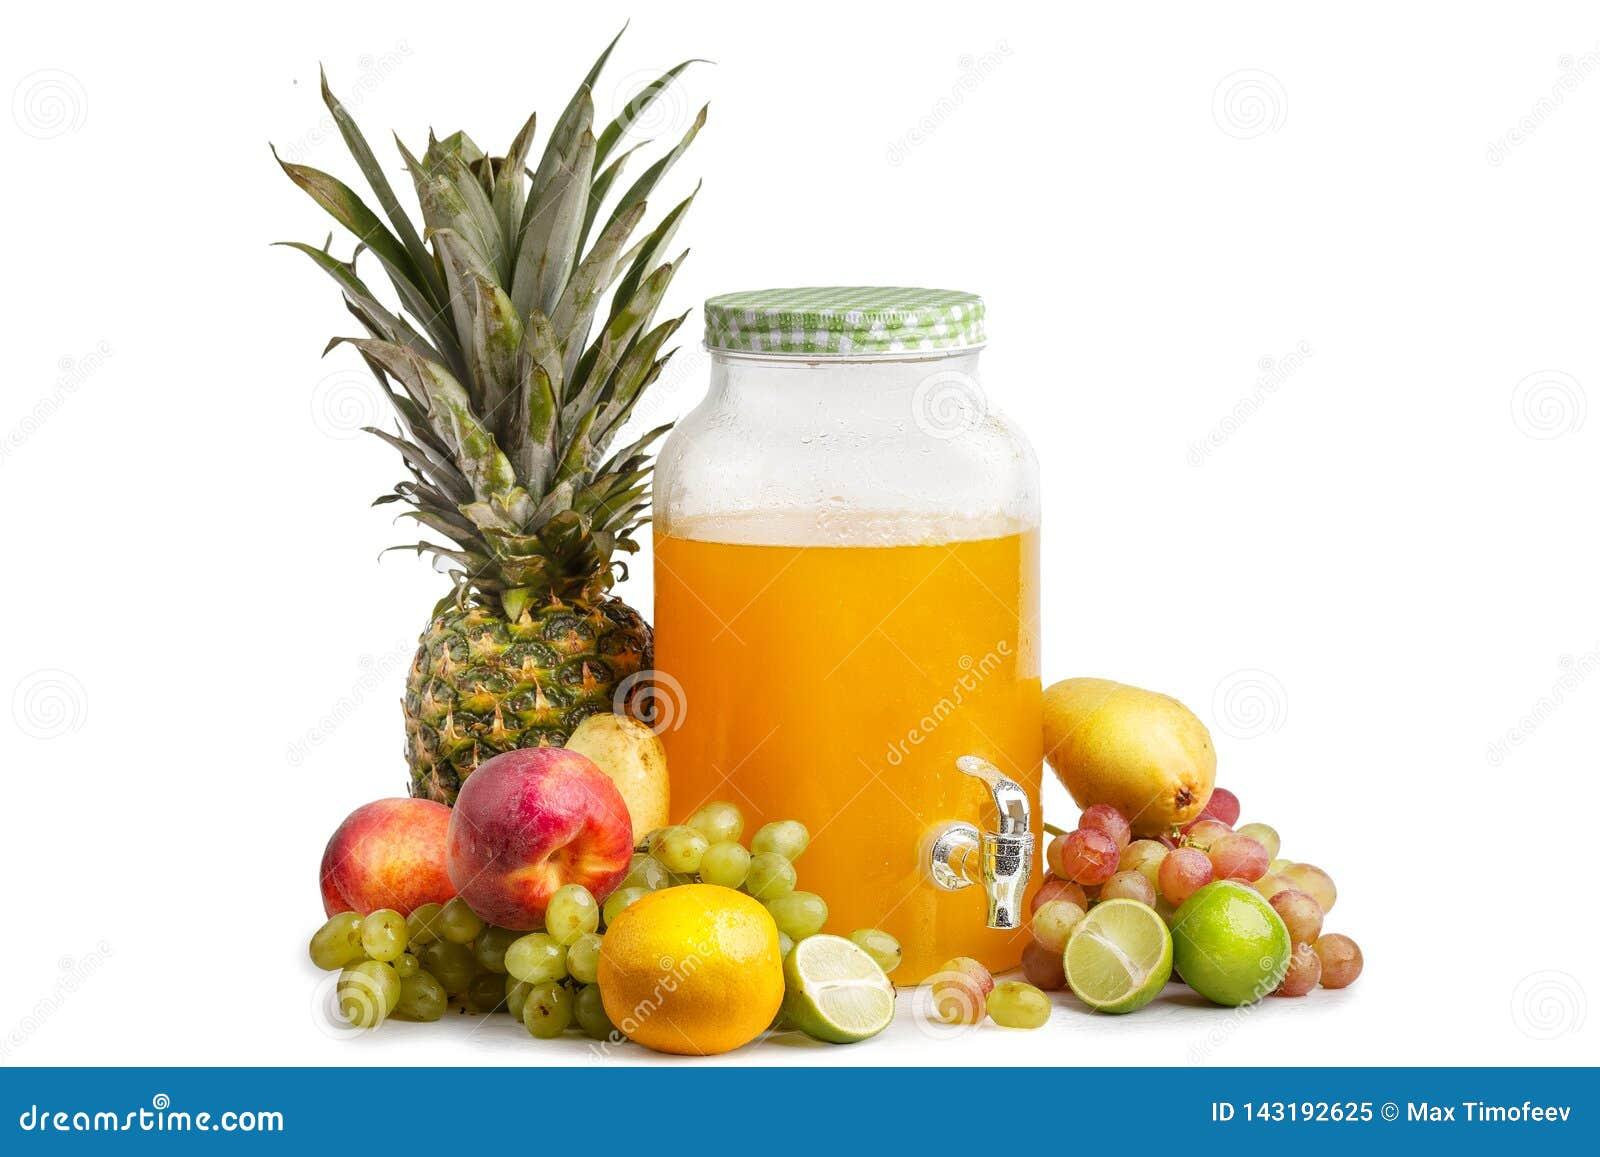 Composición de frutas jugosas maduras y de un tarro de cristal con limonada Fondo blanco aislado